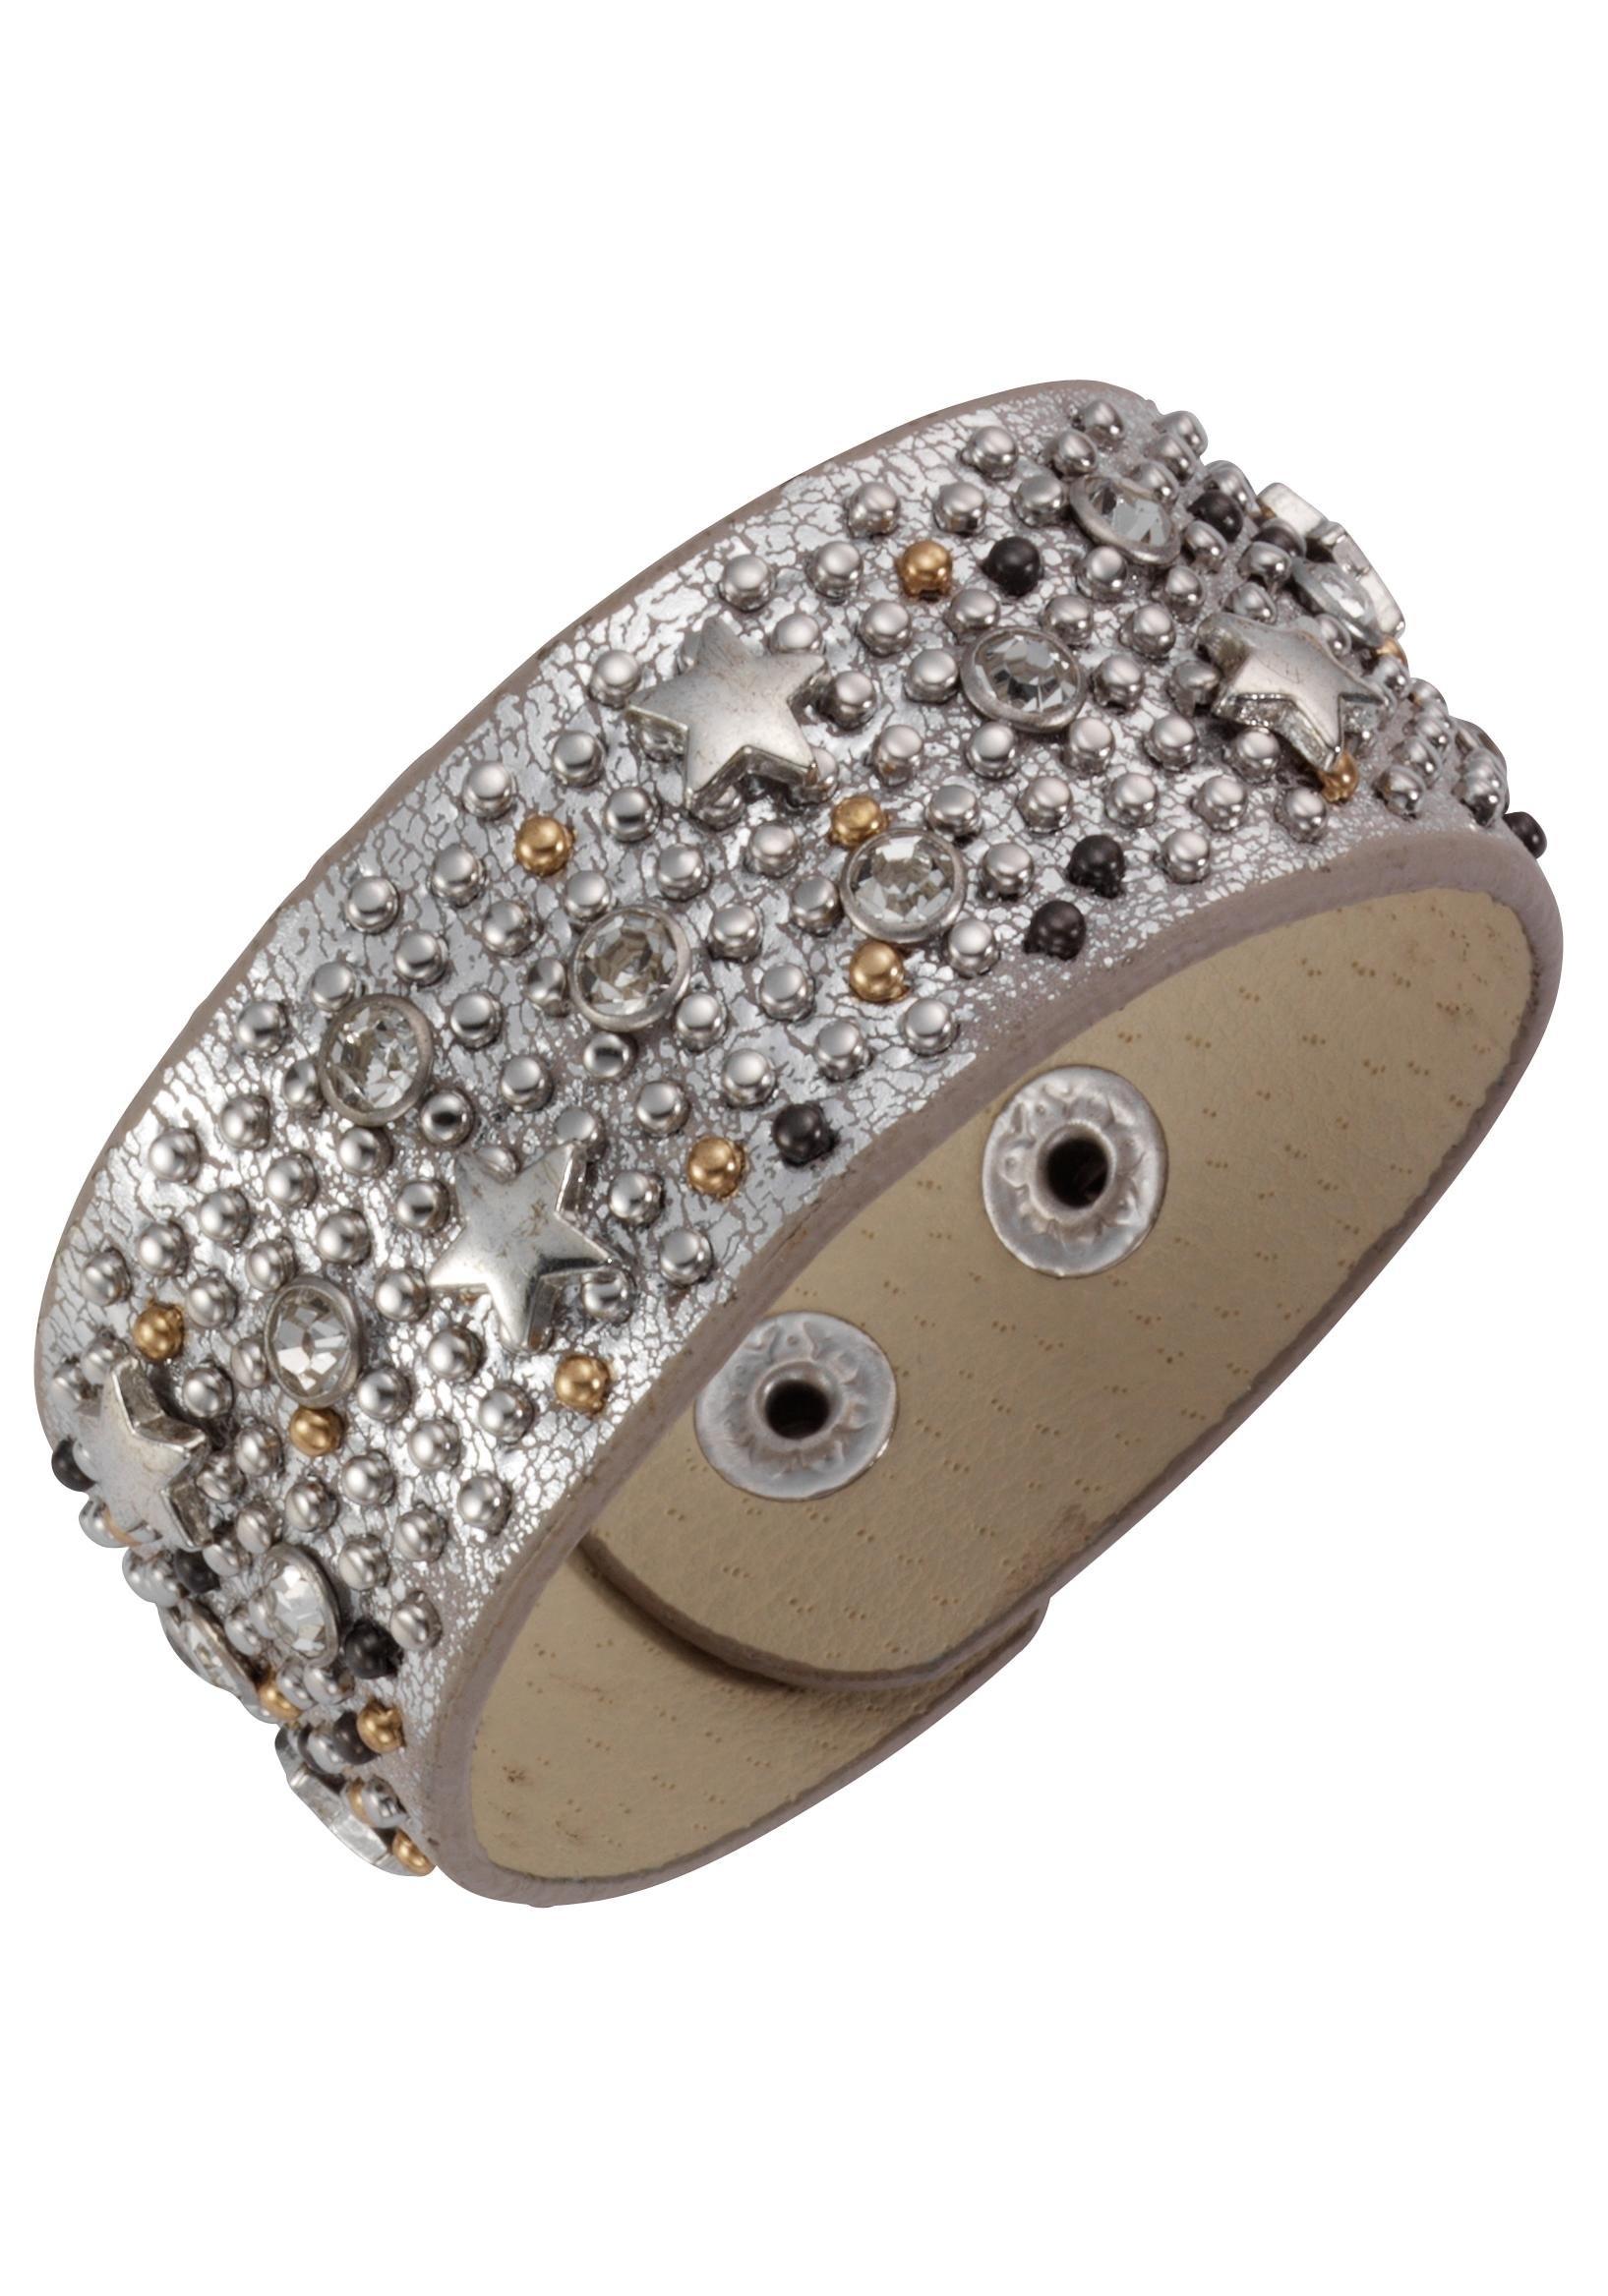 J.Jayz armband Ster, metallic-look met glassteentjes en metalen studs bestellen: 30 dagen bedenktijd